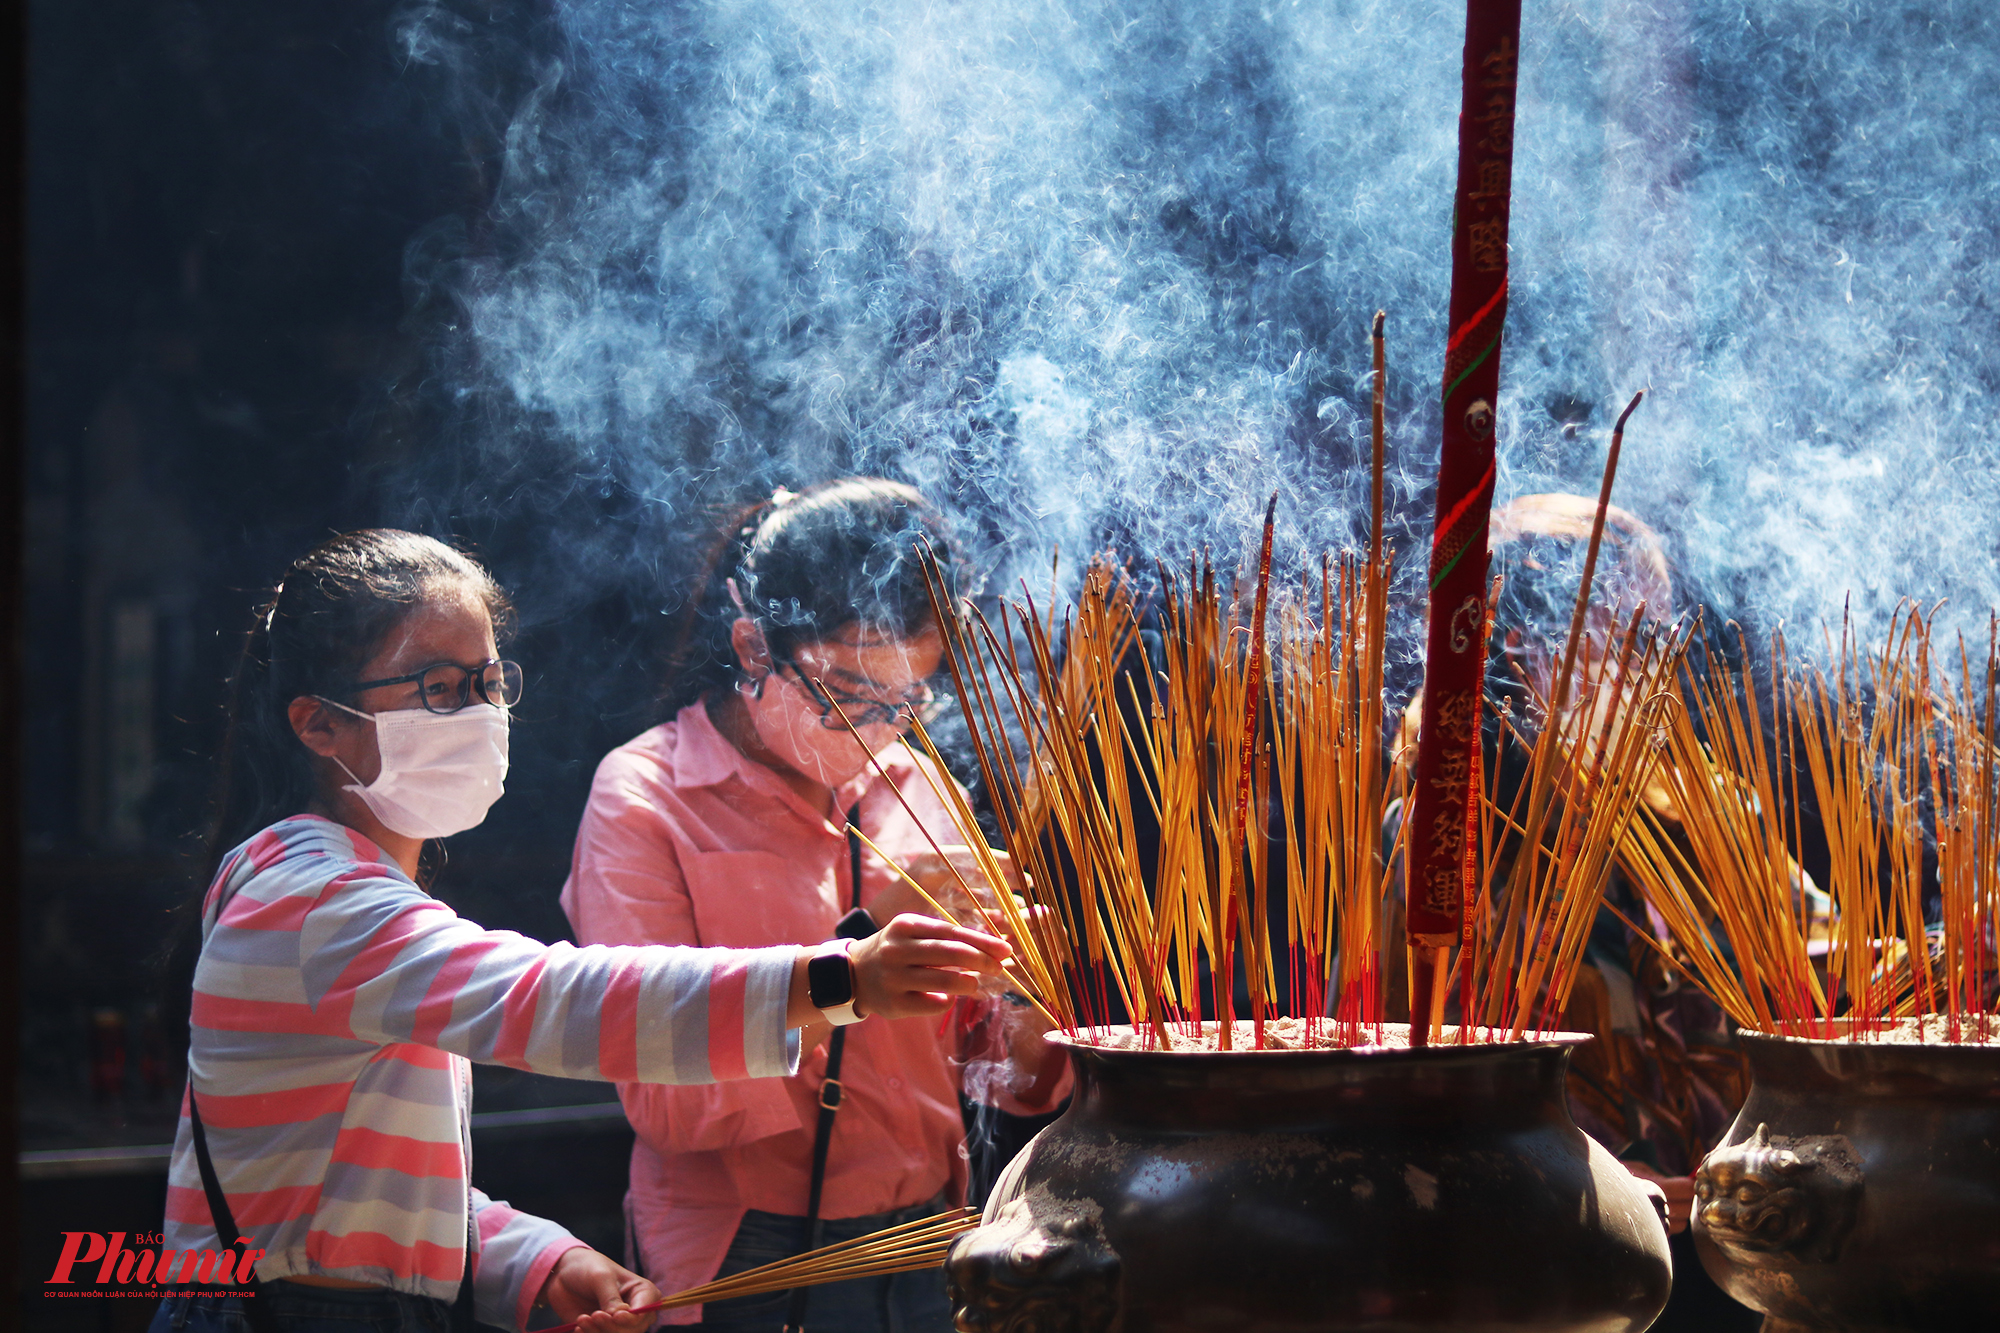 Một thành viên trong chùa cho biết lượng khách năm nay giảm rất mạnh. Thường năm, người dân phải xếp hàng, chen chúc nahu để thắp hương, bái phật nhưng năm nay không còn cảnh tượng đó. Tuy nhiên, lượng nhang được người dân sử dung vẫn rất nhiều.